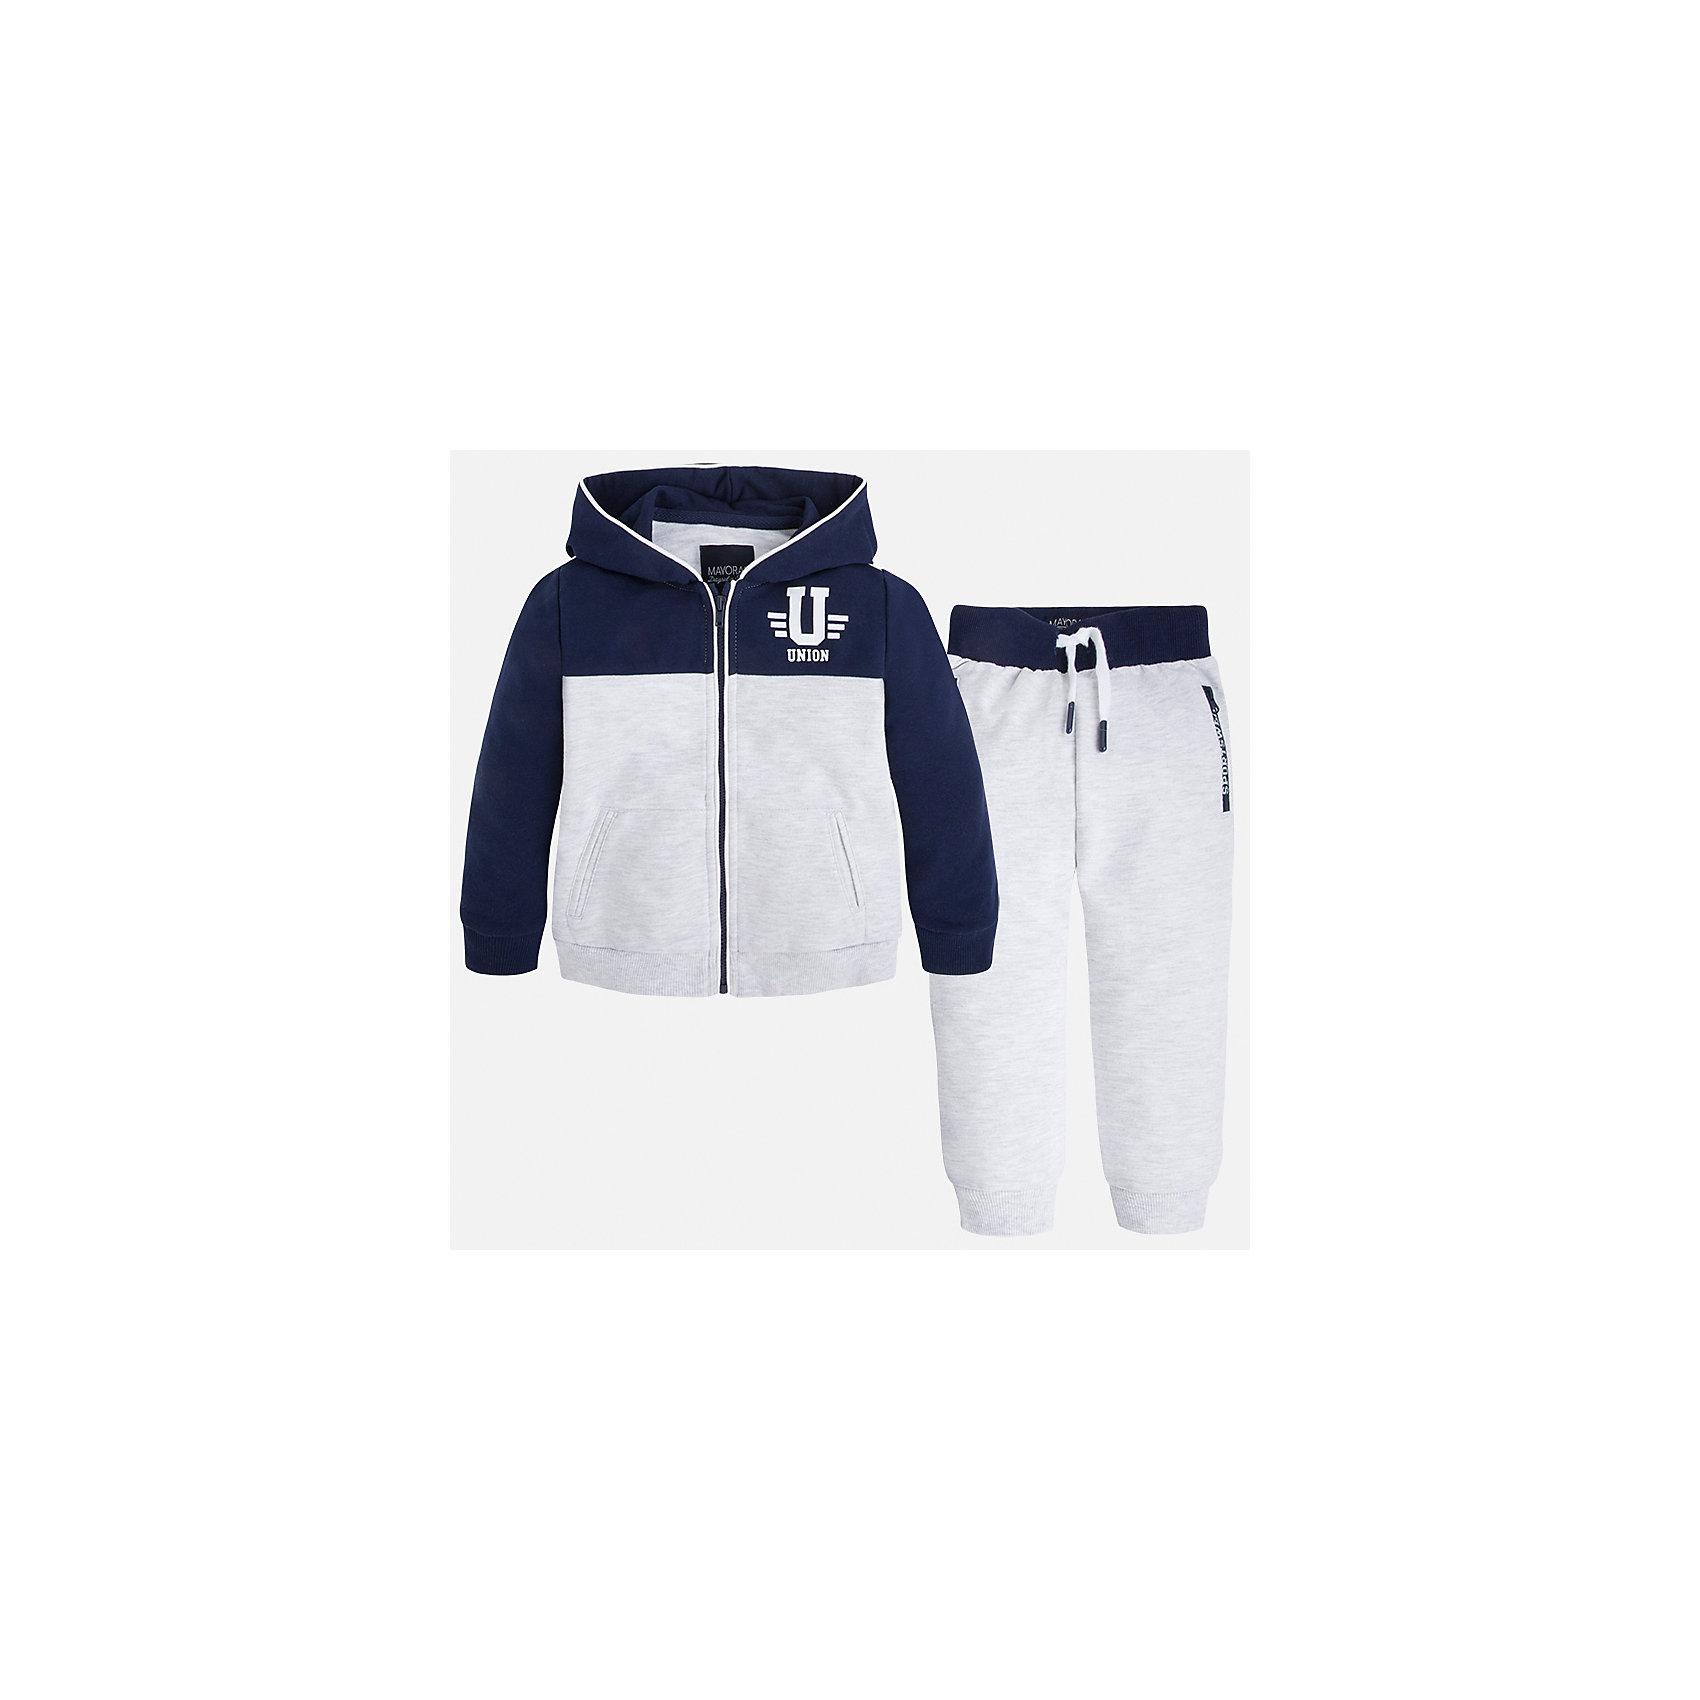 Спортивный костюм для мальчика MayoralХарактеристики товара:<br><br>• цвет: белый/синий<br>• состав: 60% хлопок, 40% полиэстер<br>• комплектация: курточка, штаны<br>• куртка декорирована принтом<br>• карманы<br>• капюшон<br>• штаны - пояс на шнурке<br>• манжеты<br>• страна бренда: Испания<br><br>Стильный качественный спортивный костюм для мальчика поможет разнообразить гардероб ребенка и удобно одеться. Курточка и штаны отлично сочетаются с другими предметами. Универсальный цвет позволяет подобрать к вещам верхнюю одежду практически любой расцветки. Интересная отделка модели делает её нарядной и оригинальной. В составе материала - натуральный хлопок, гипоаллергенный, приятный на ощупь, дышащий.<br><br>Одежда, обувь и аксессуары от испанского бренда Mayoral полюбились детям и взрослым по всему миру. Модели этой марки - стильные и удобные. Для их производства используются только безопасные, качественные материалы и фурнитура. Порадуйте ребенка модными и красивыми вещами от Mayoral! <br><br>Спортивный костюм для мальчика от испанского бренда Mayoral (Майорал) можно купить в нашем интернет-магазине.<br><br>Ширина мм: 247<br>Глубина мм: 16<br>Высота мм: 140<br>Вес г: 225<br>Цвет: белый<br>Возраст от месяцев: 72<br>Возраст до месяцев: 84<br>Пол: Мужской<br>Возраст: Детский<br>Размер: 122,104,116,128,134,110,98,92<br>SKU: 5281162